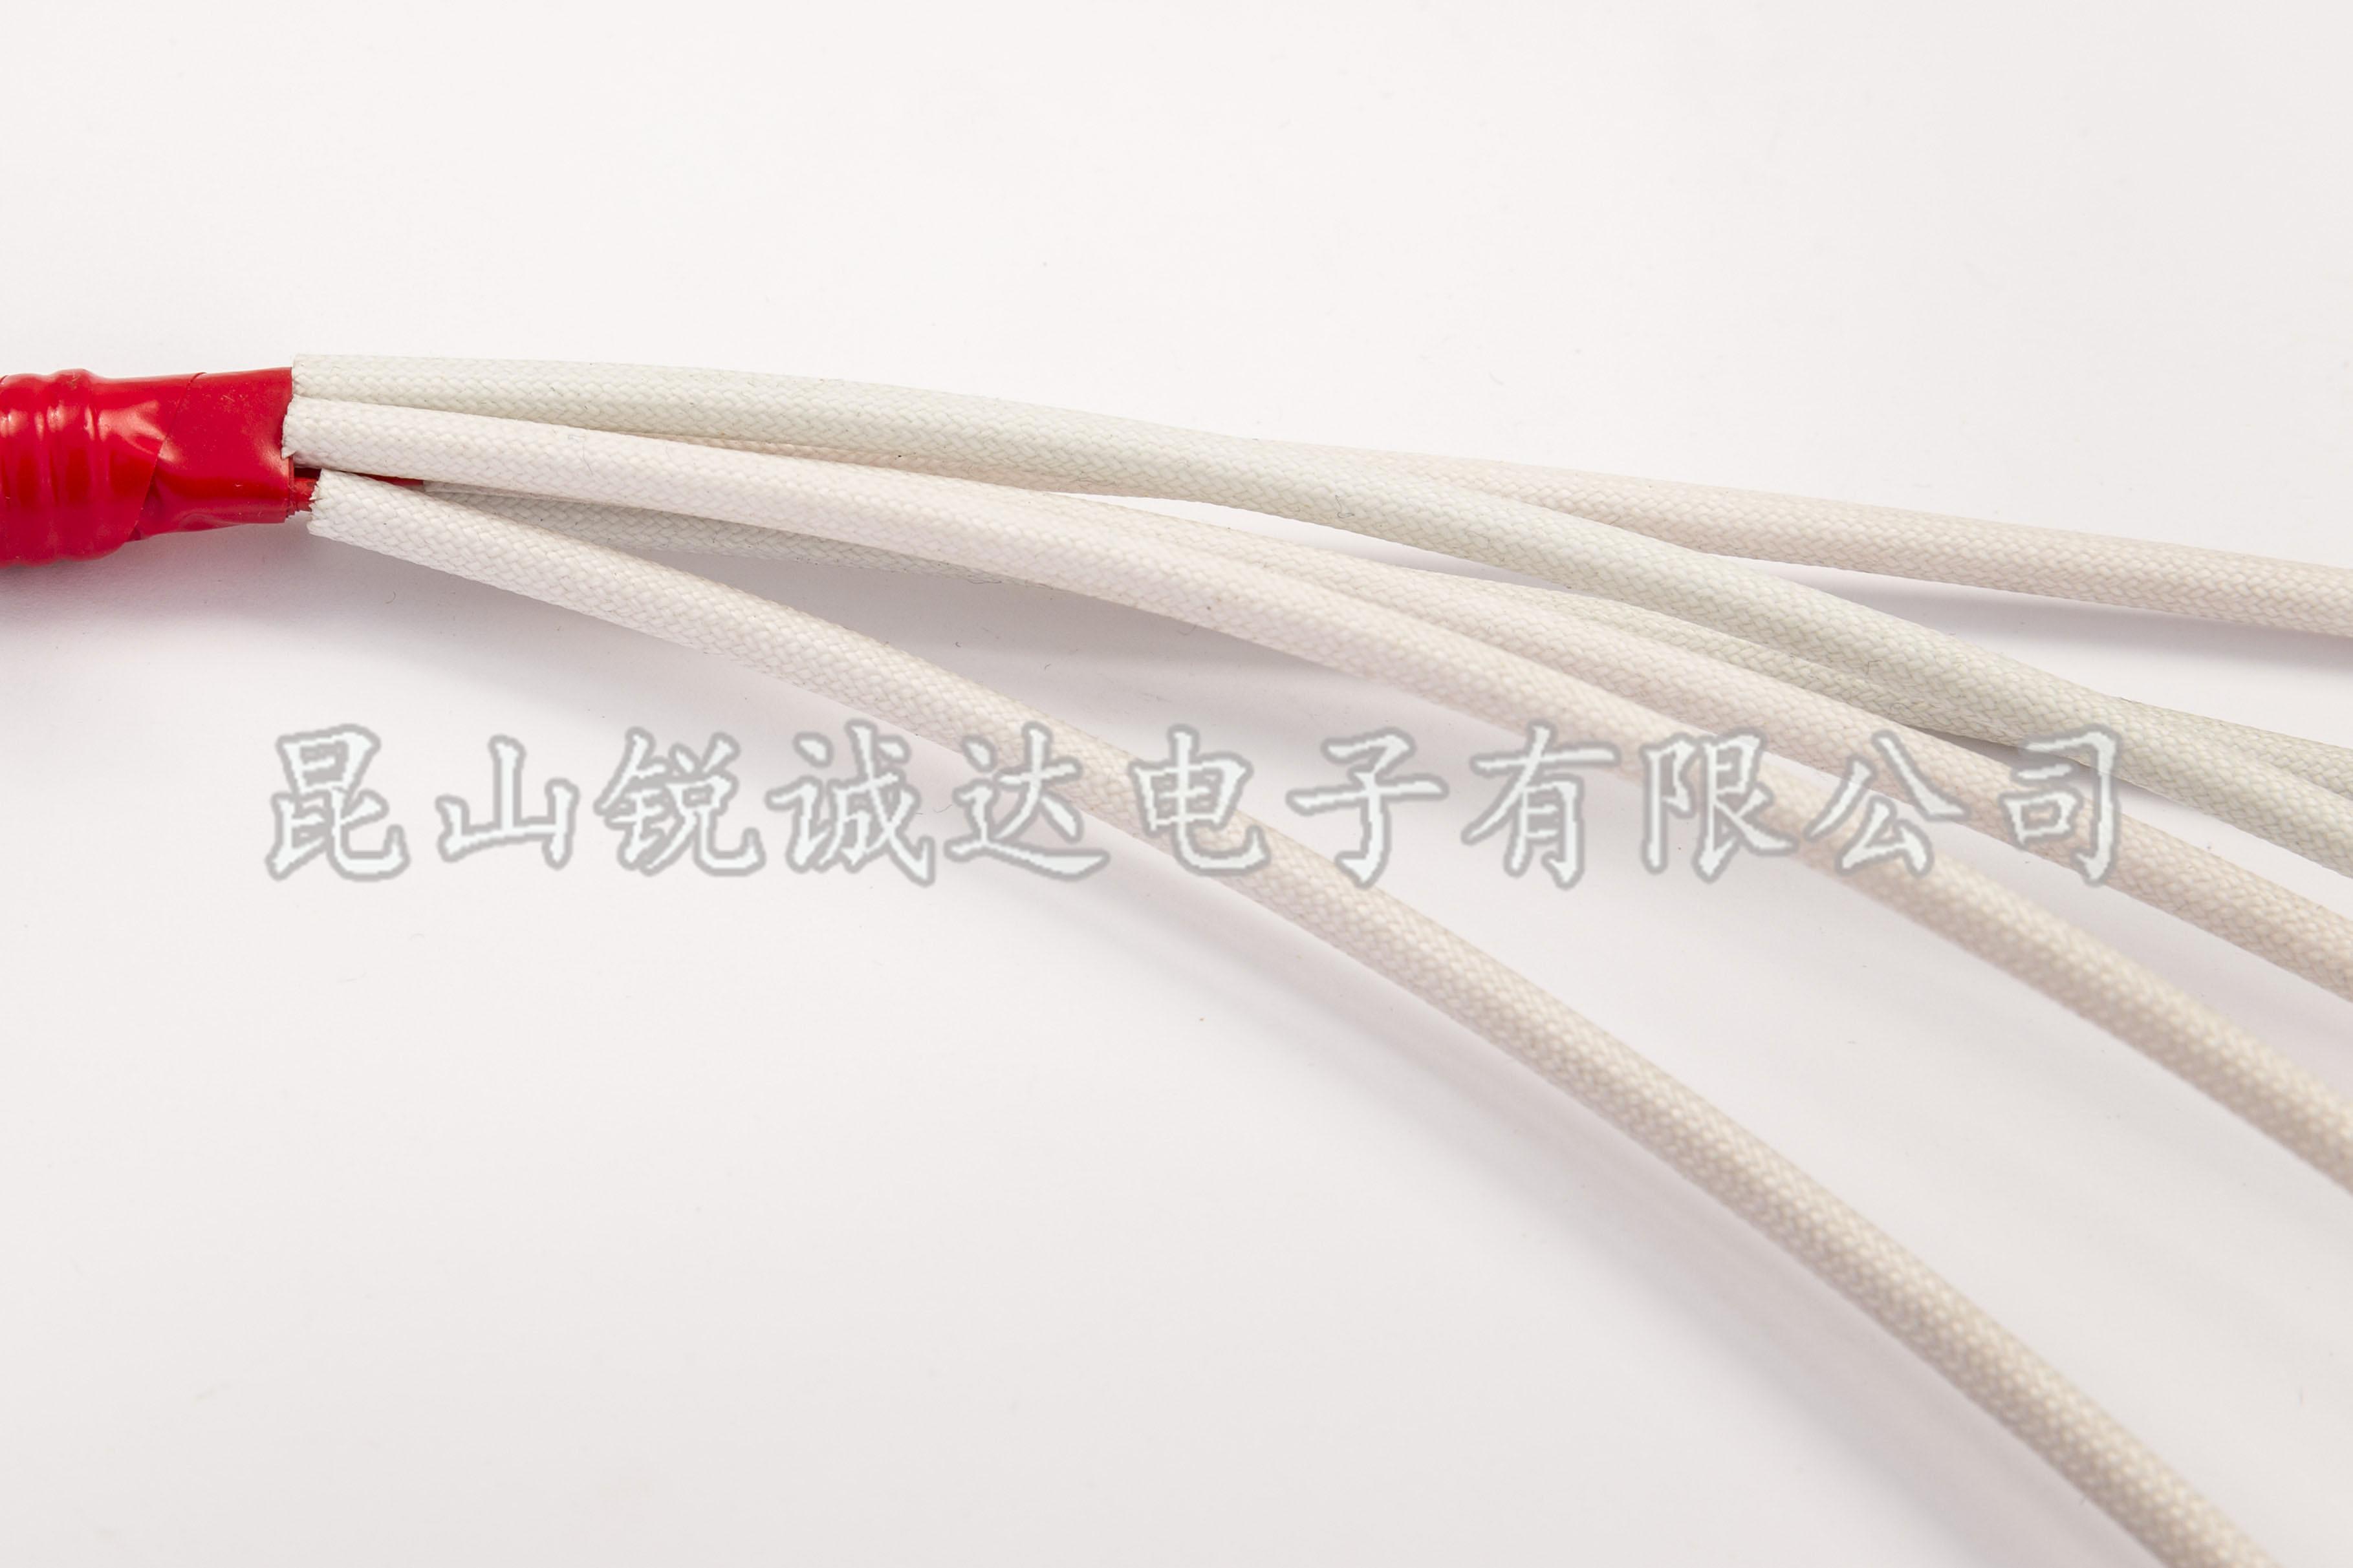 上海優質采集線束怎么定制 歡迎咨詢 銳誠達供